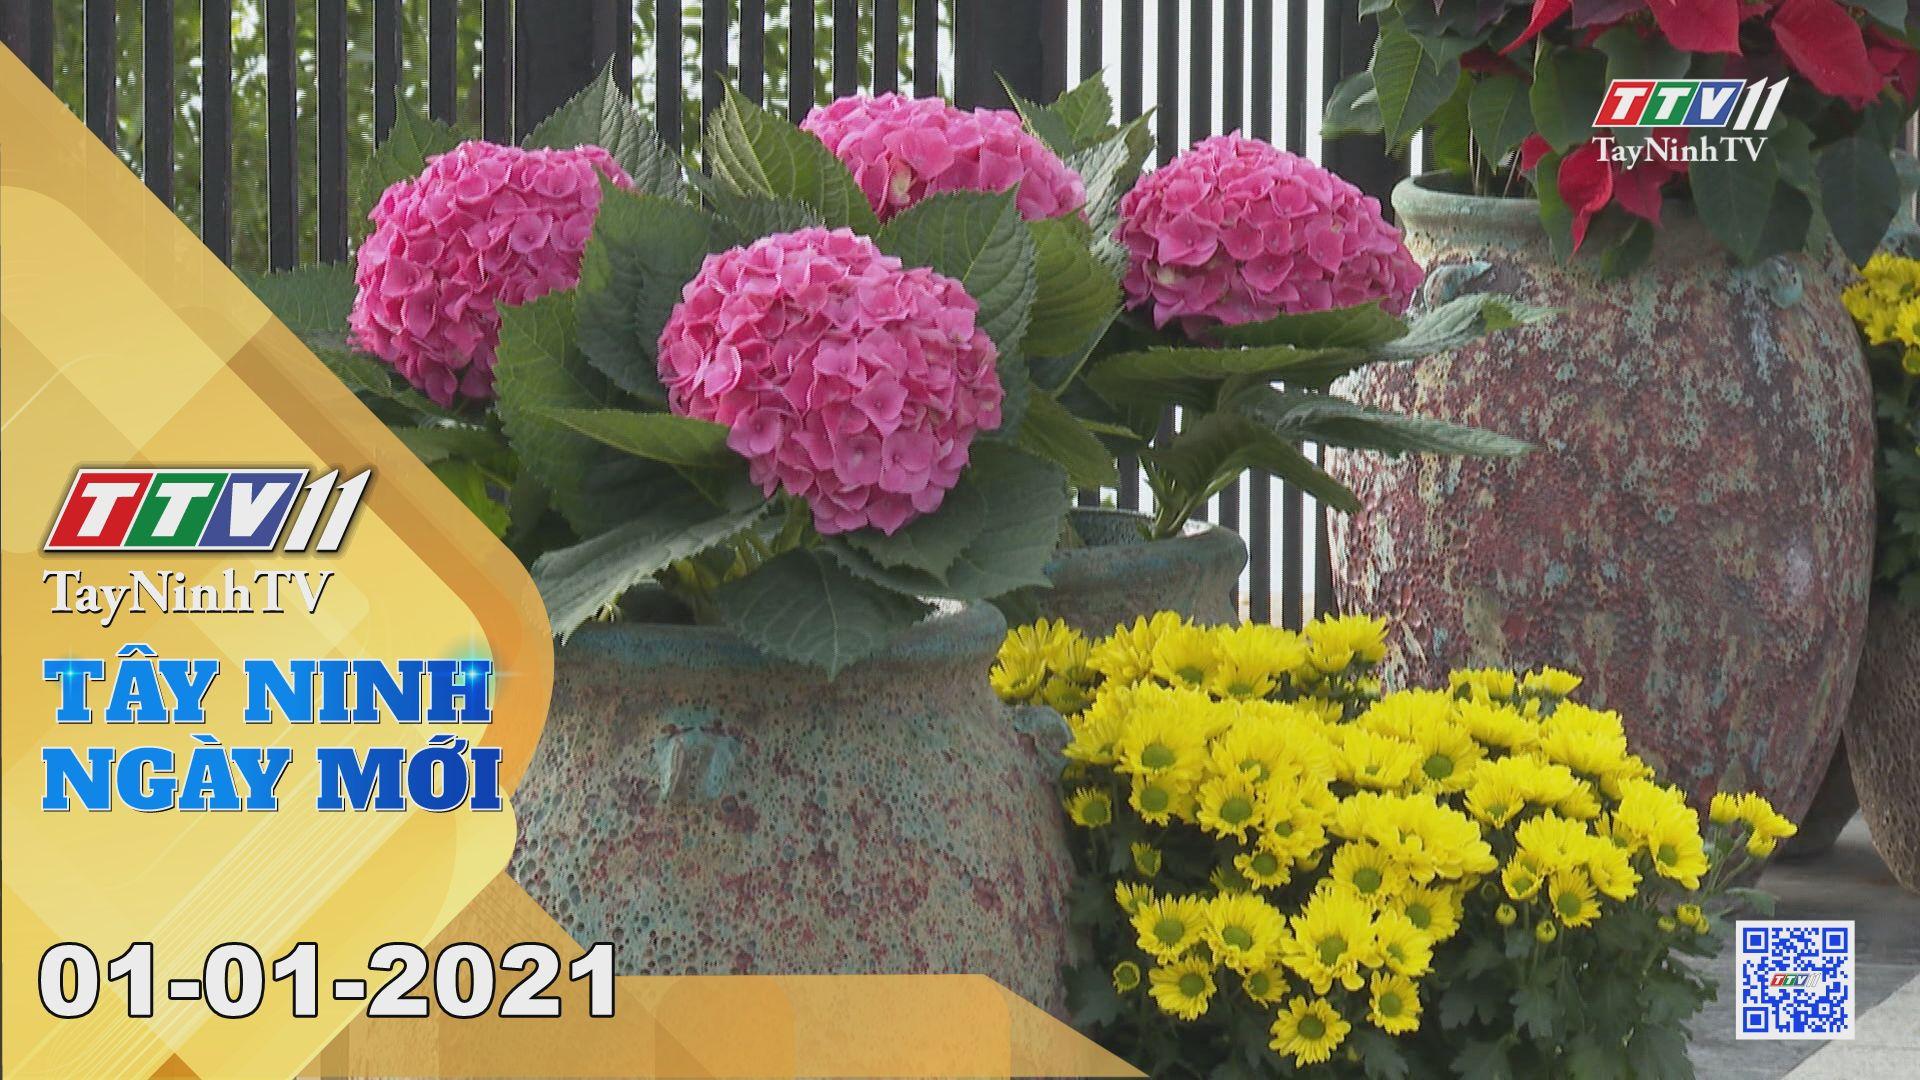 Tây Ninh Ngày Mới 01-01-2021 | Tin tức hôm nay | TayNinhTV